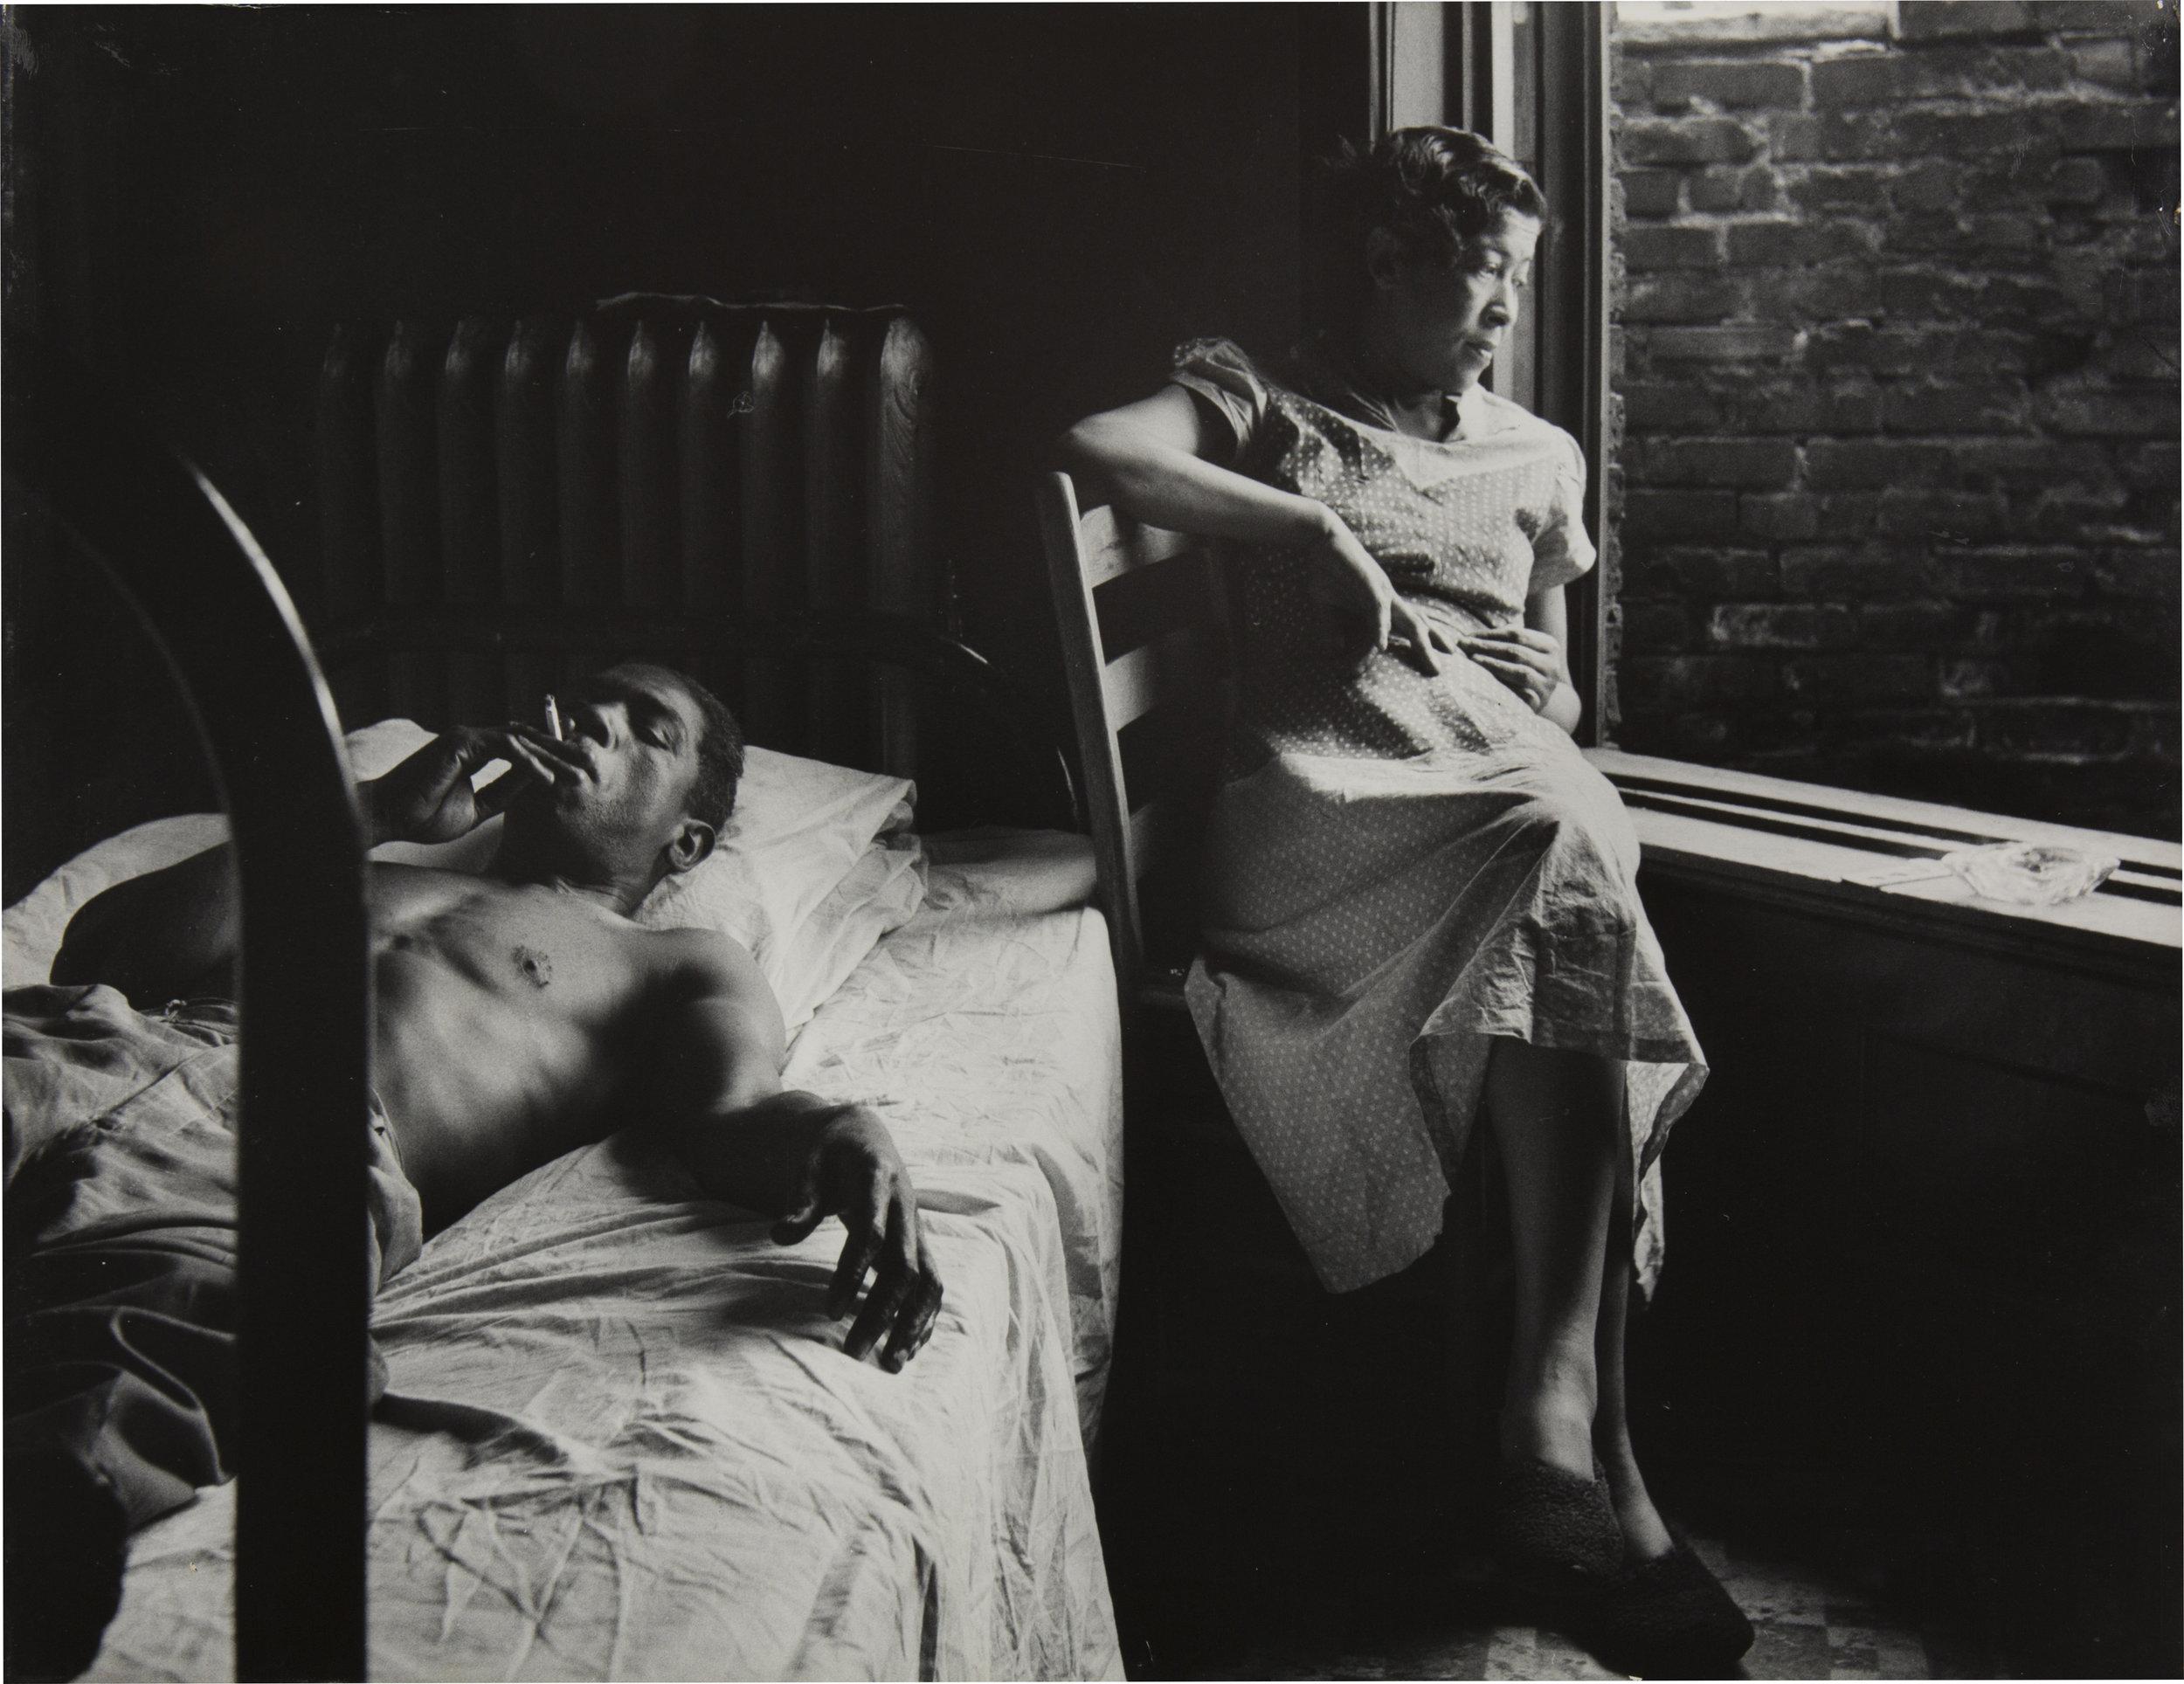 Tenement Dwellers, Chicago. 1950 © Gordon Parks